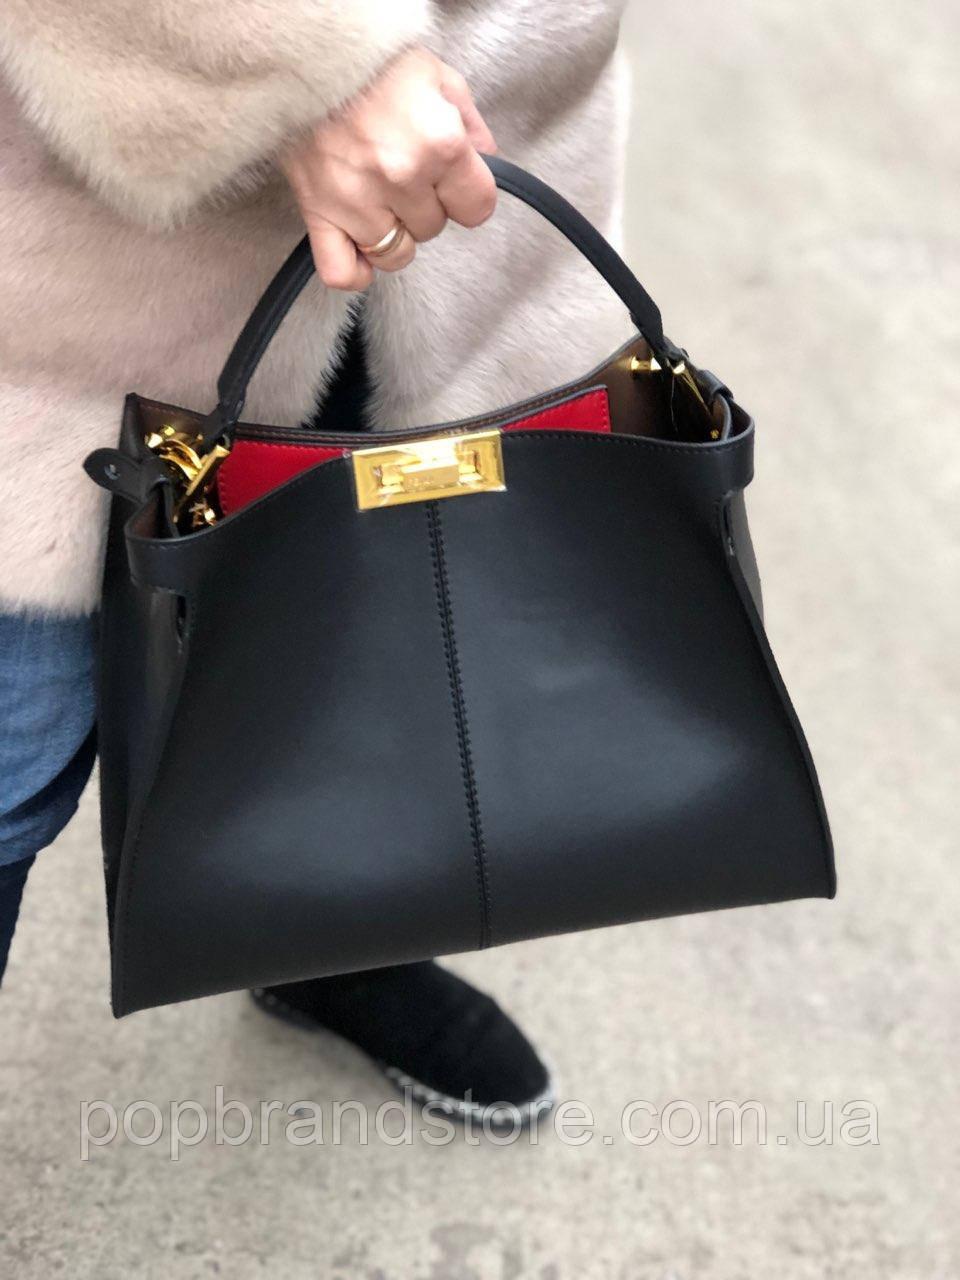 aacb707d2132 Стильная женская сумка FENDI 32 см (реплика) - Pop Brand Store | брендовые  сумки